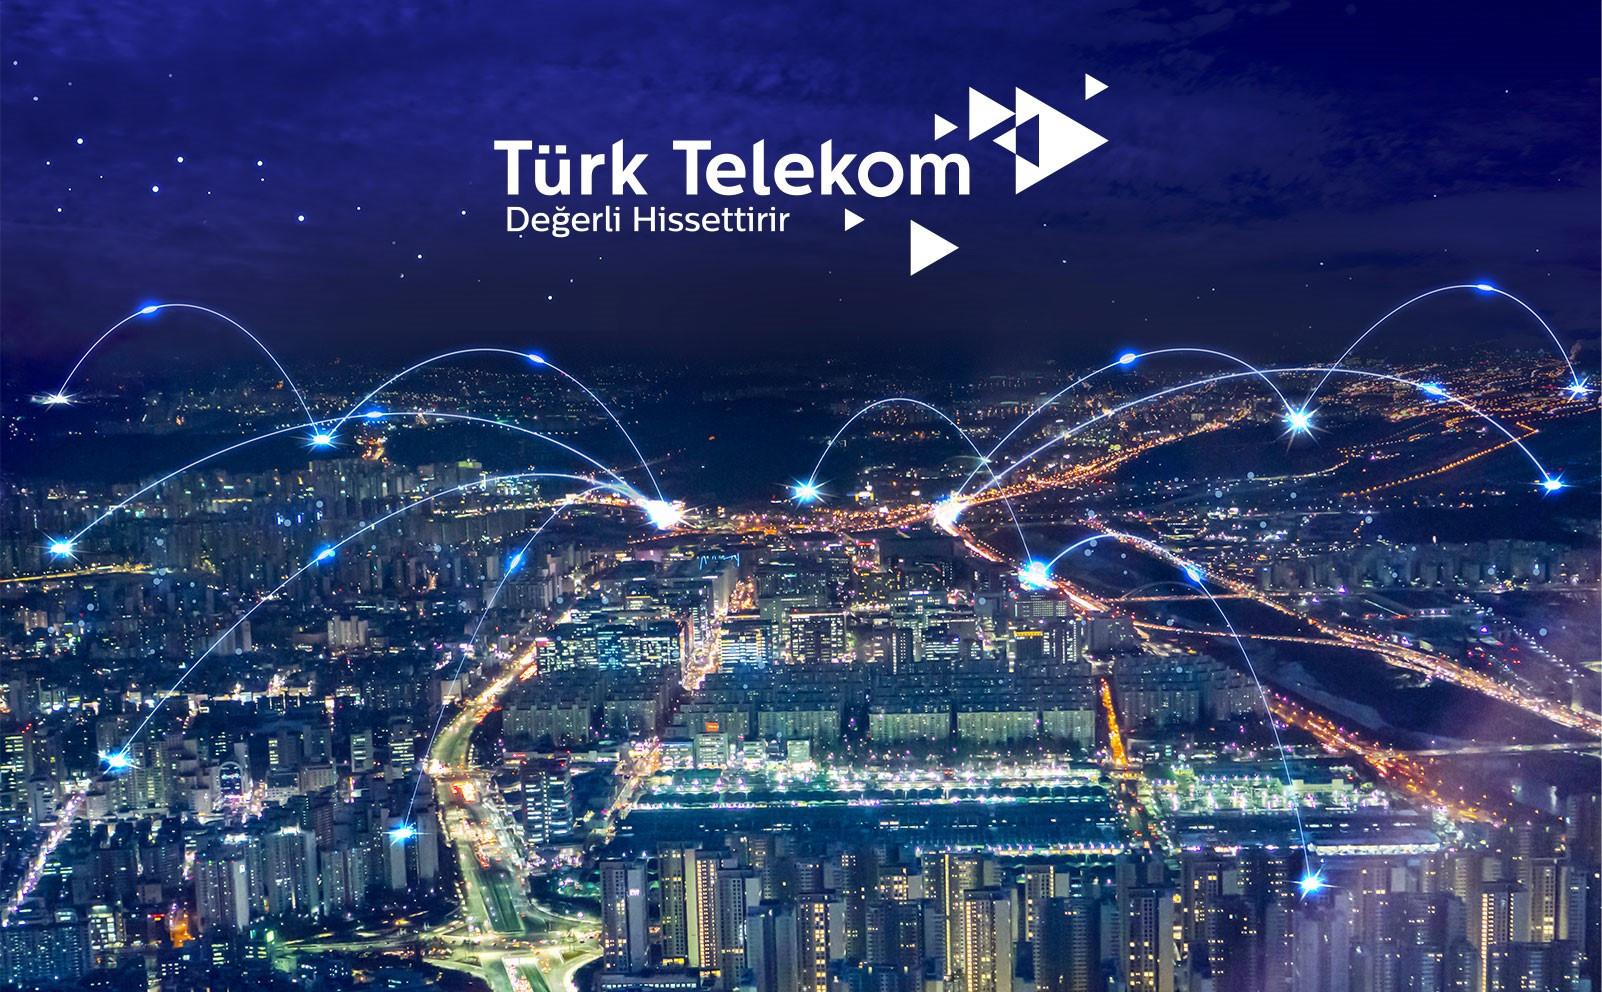 Türk Telekom fırsatlar sunmaya devam ediyor!